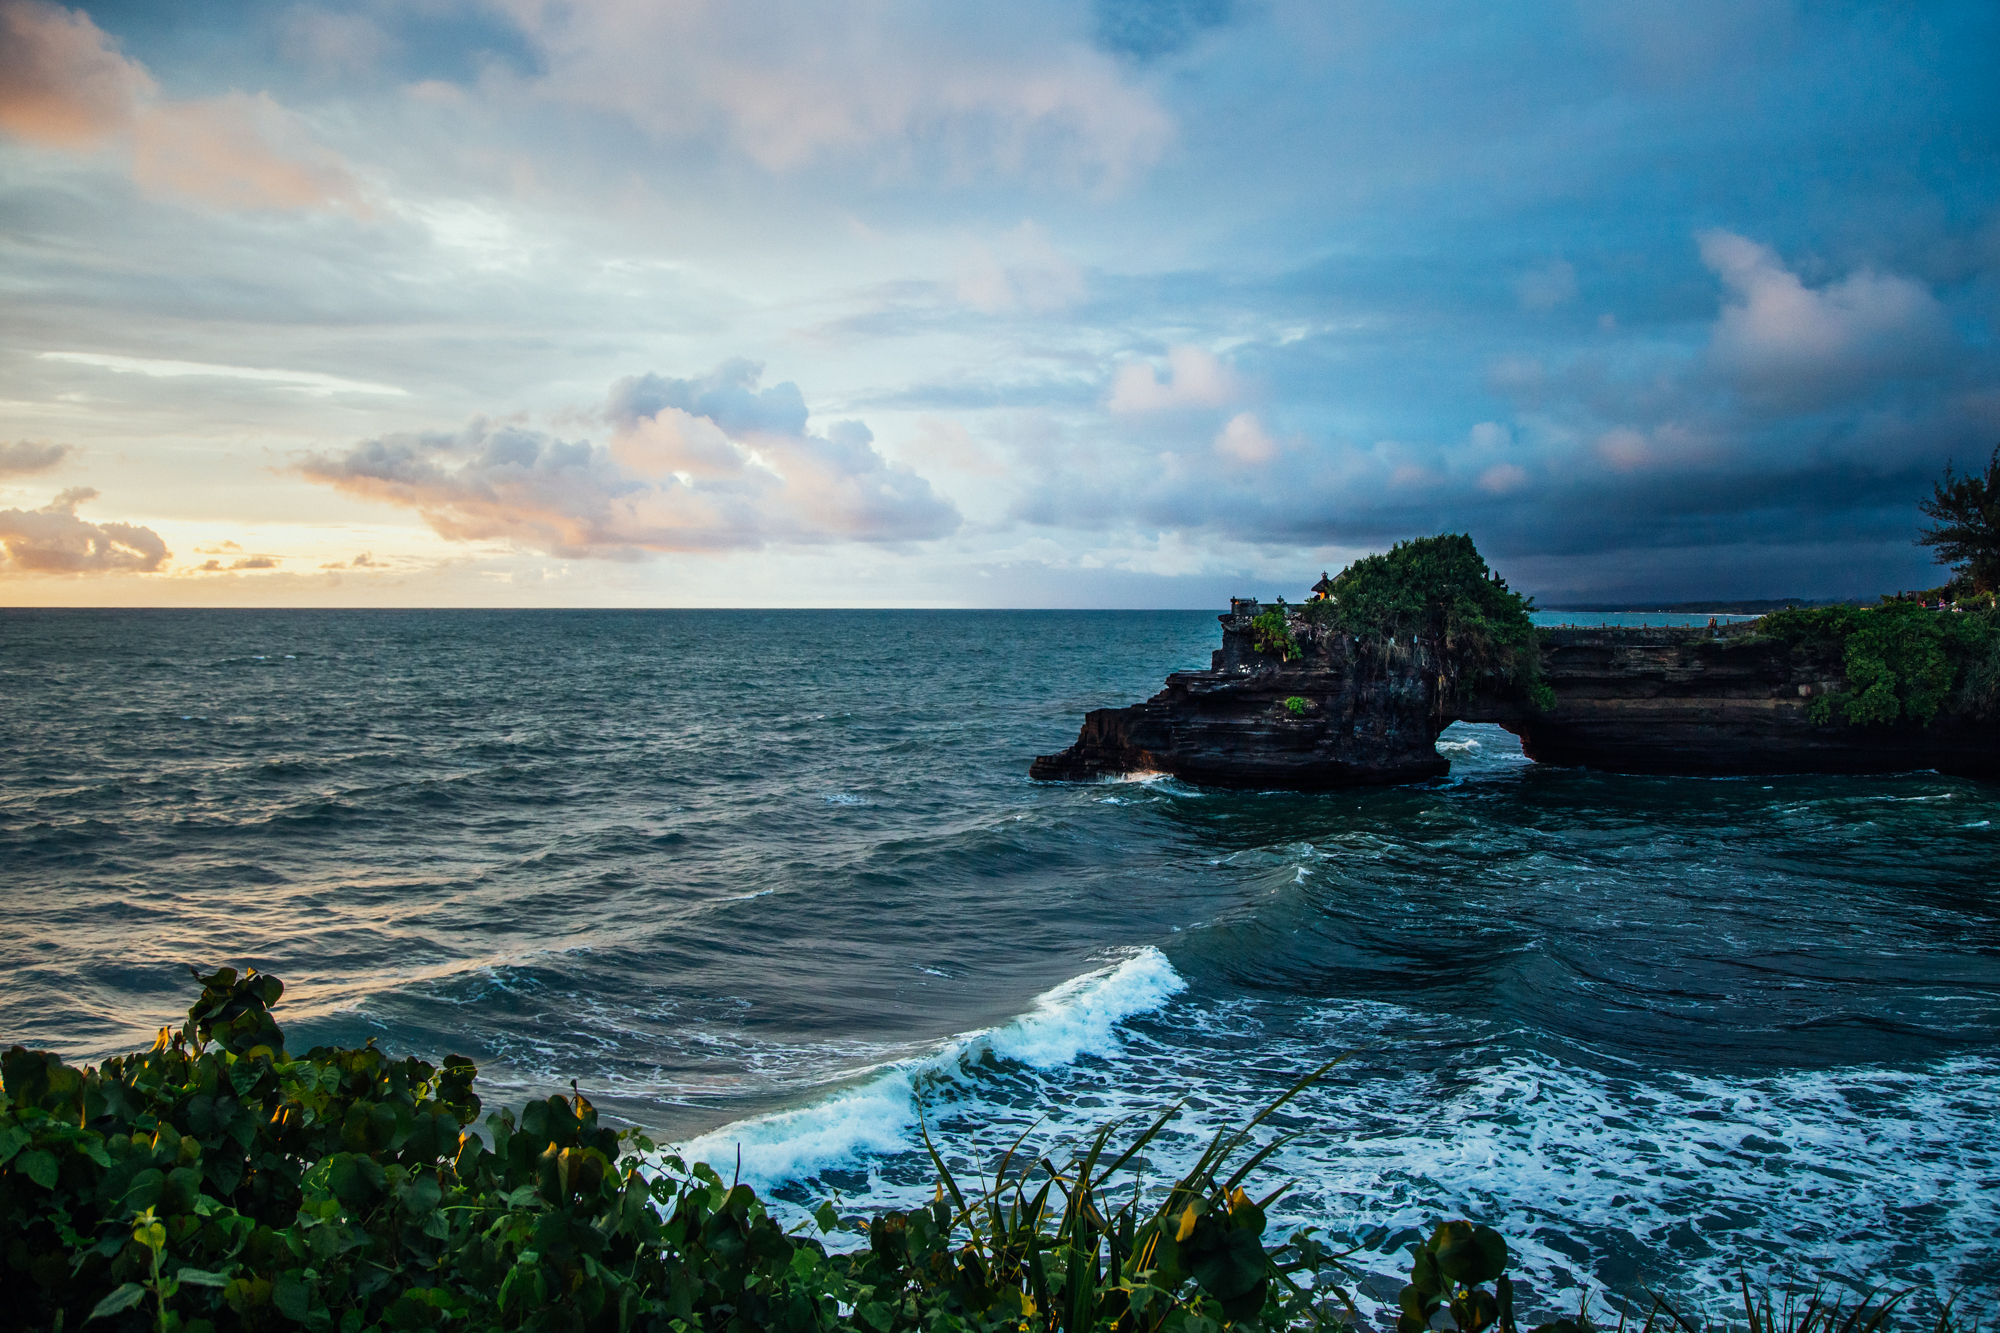 Bali-Travel-Web-28.jpg